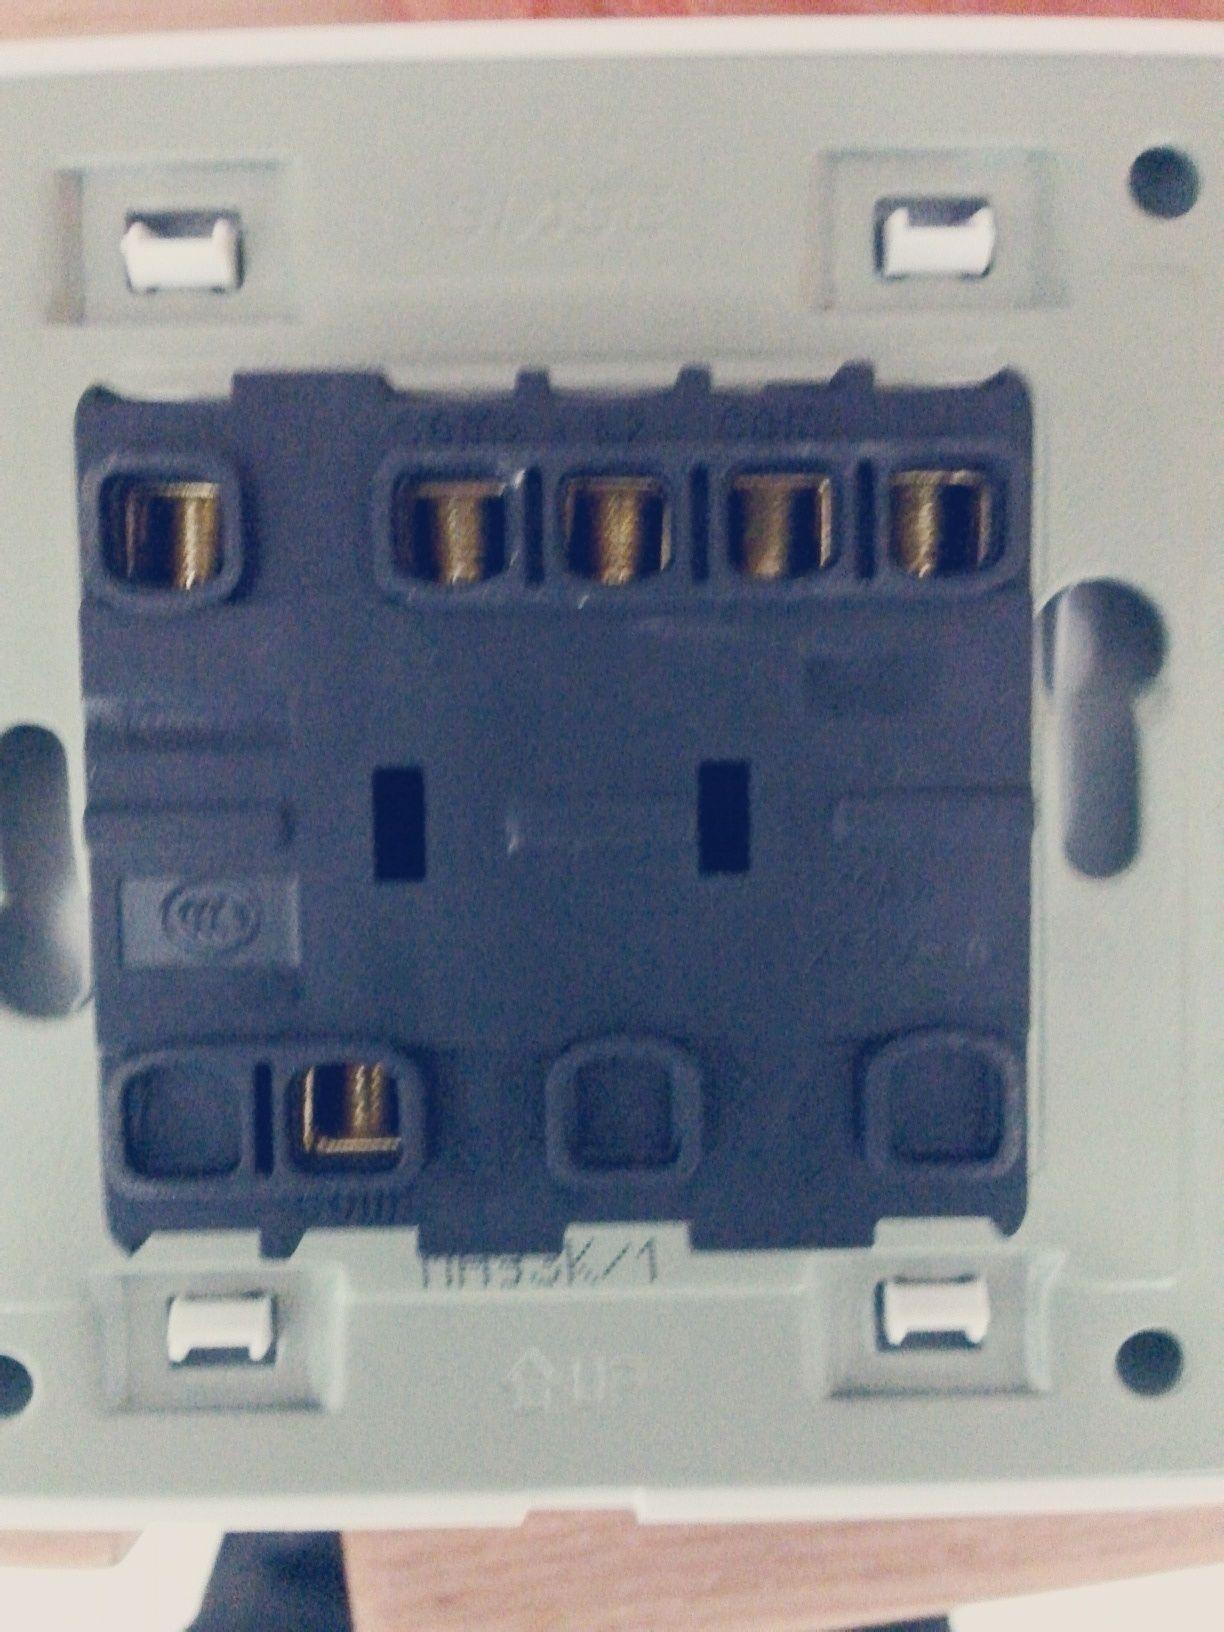 这种开关面板怎么接线啊?